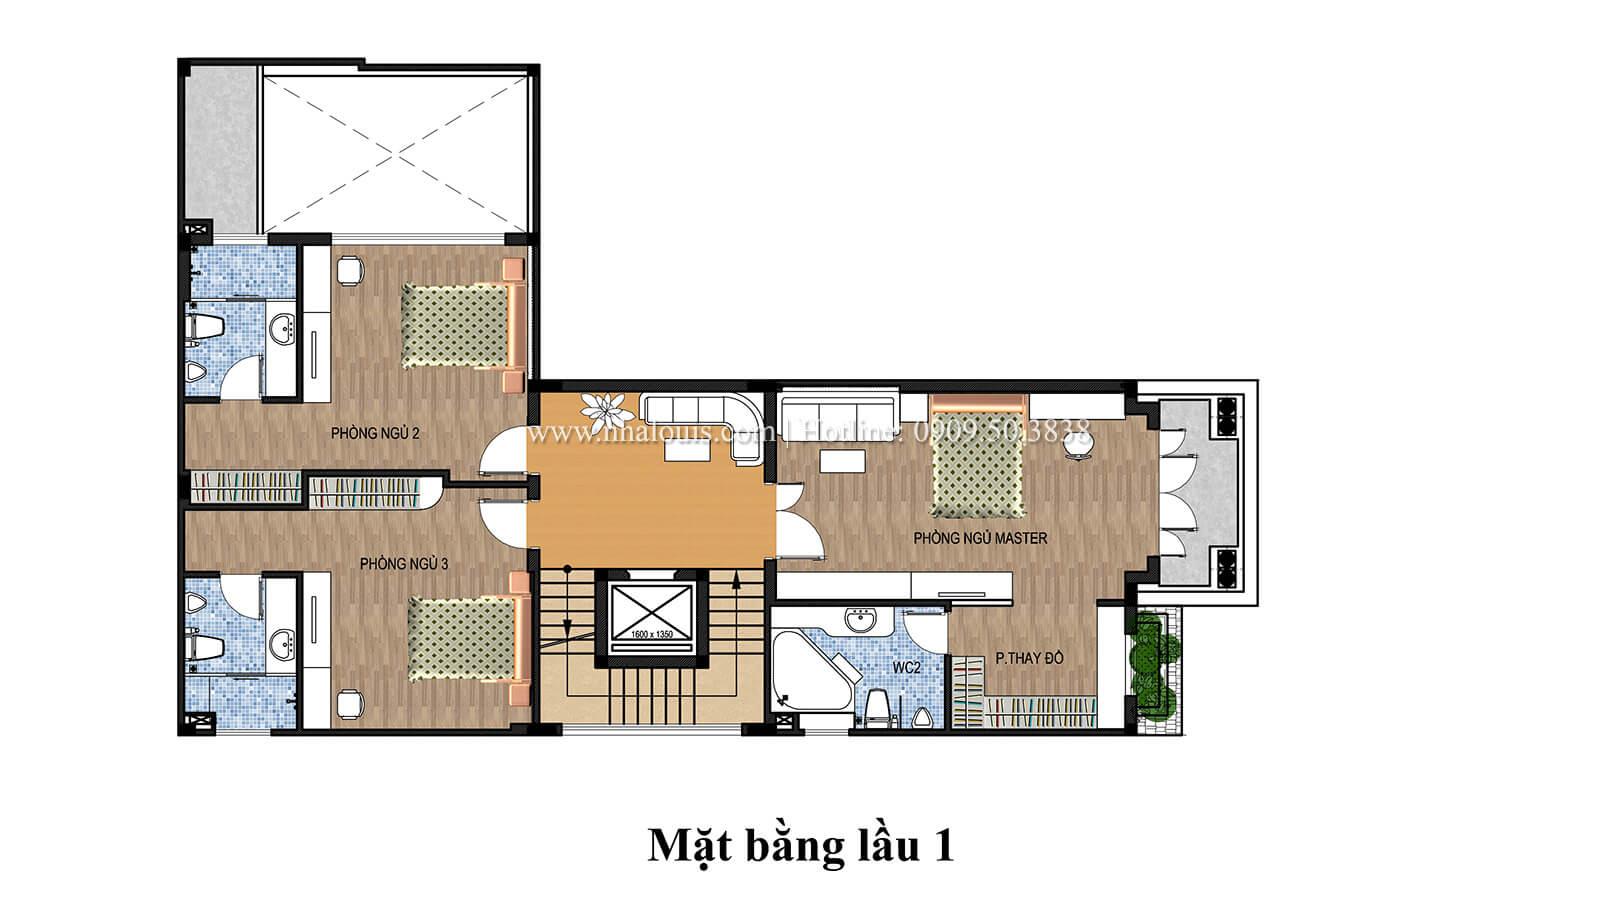 Mặt bằng tầng 1 Mẫu nhà phố bán cổ điển với mái Thái độc đáo tại Tân Bình - 27